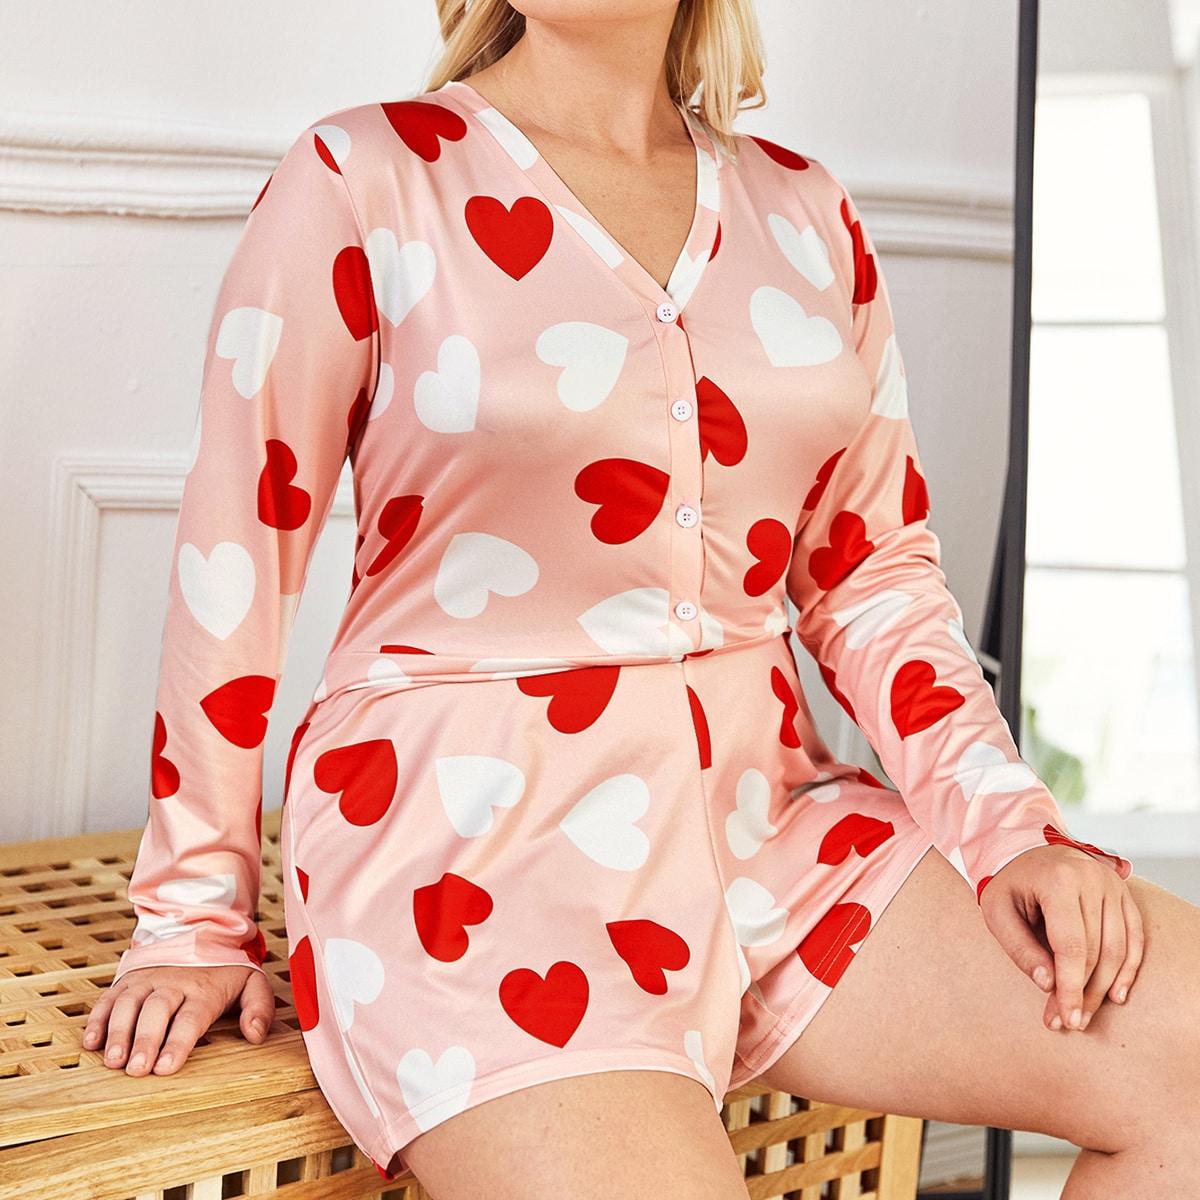 Пижама-комбинезон размера плюс с принтом сердечка